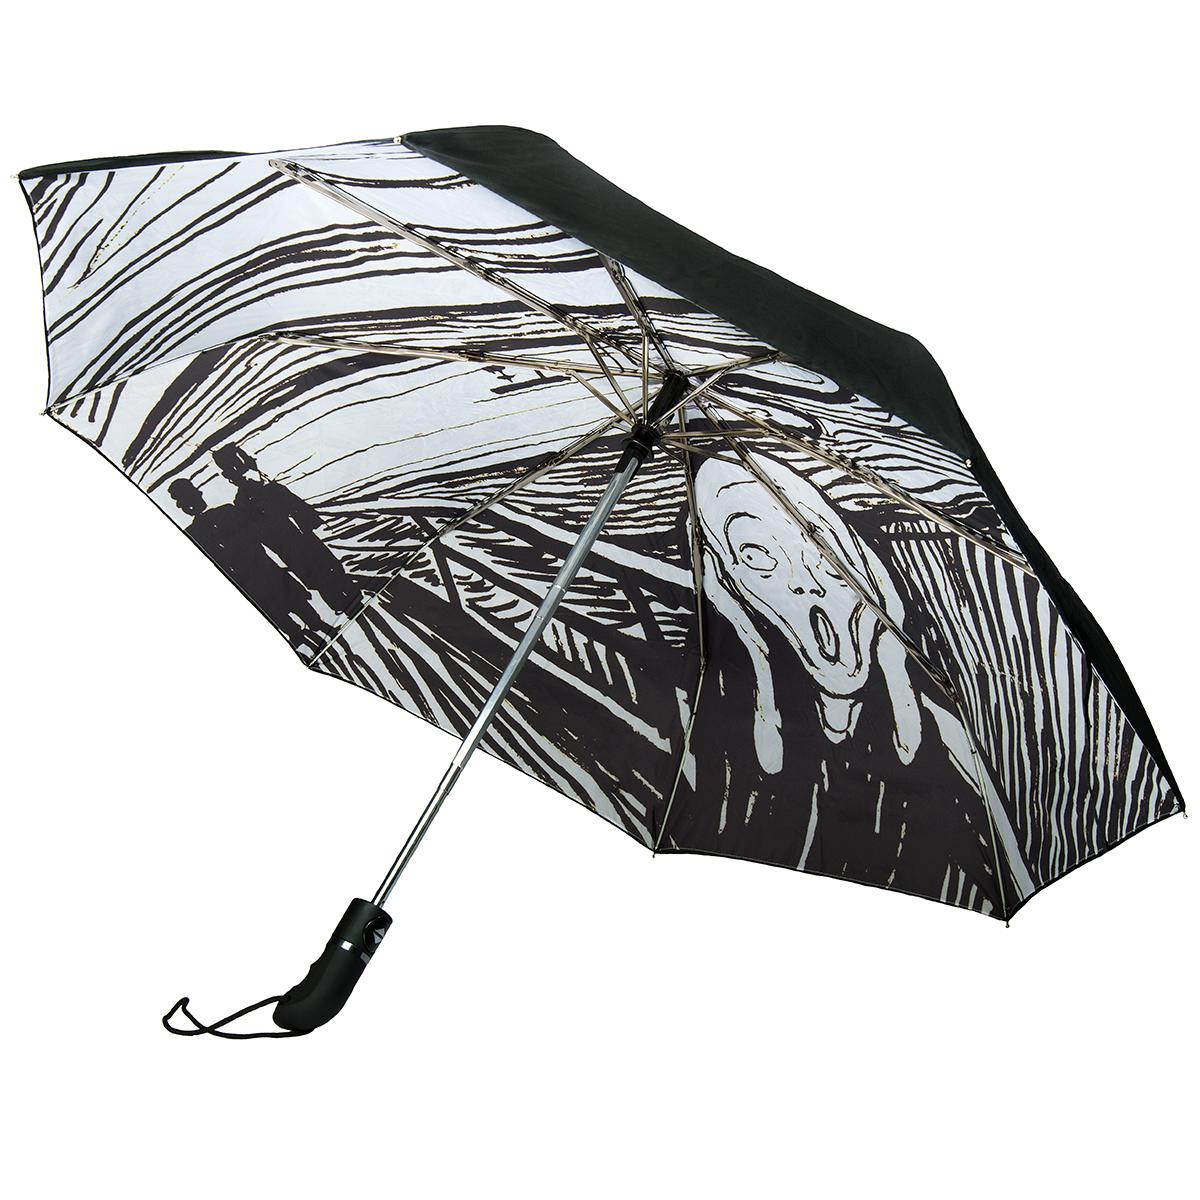 The Scream Umbrella